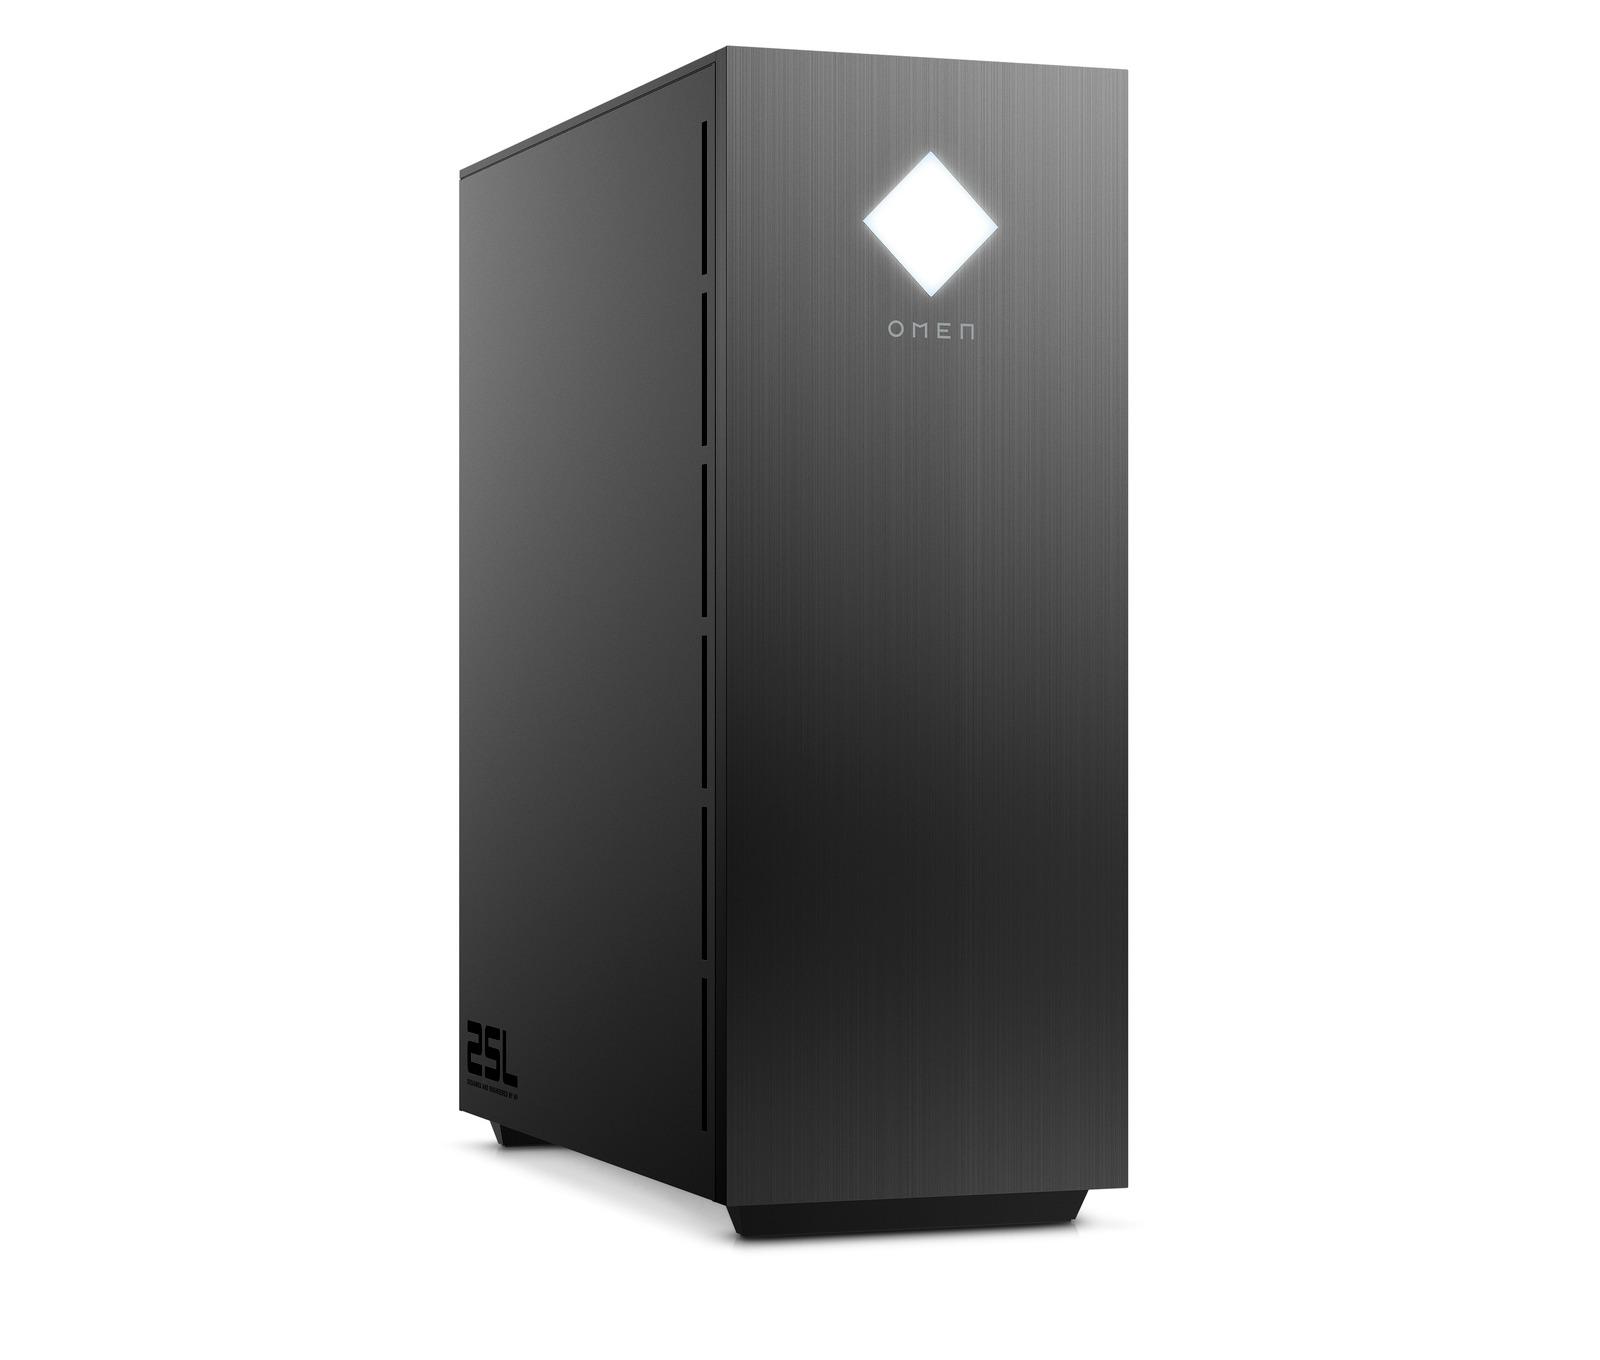 HP OMEN by GT12-0490nd Desktop